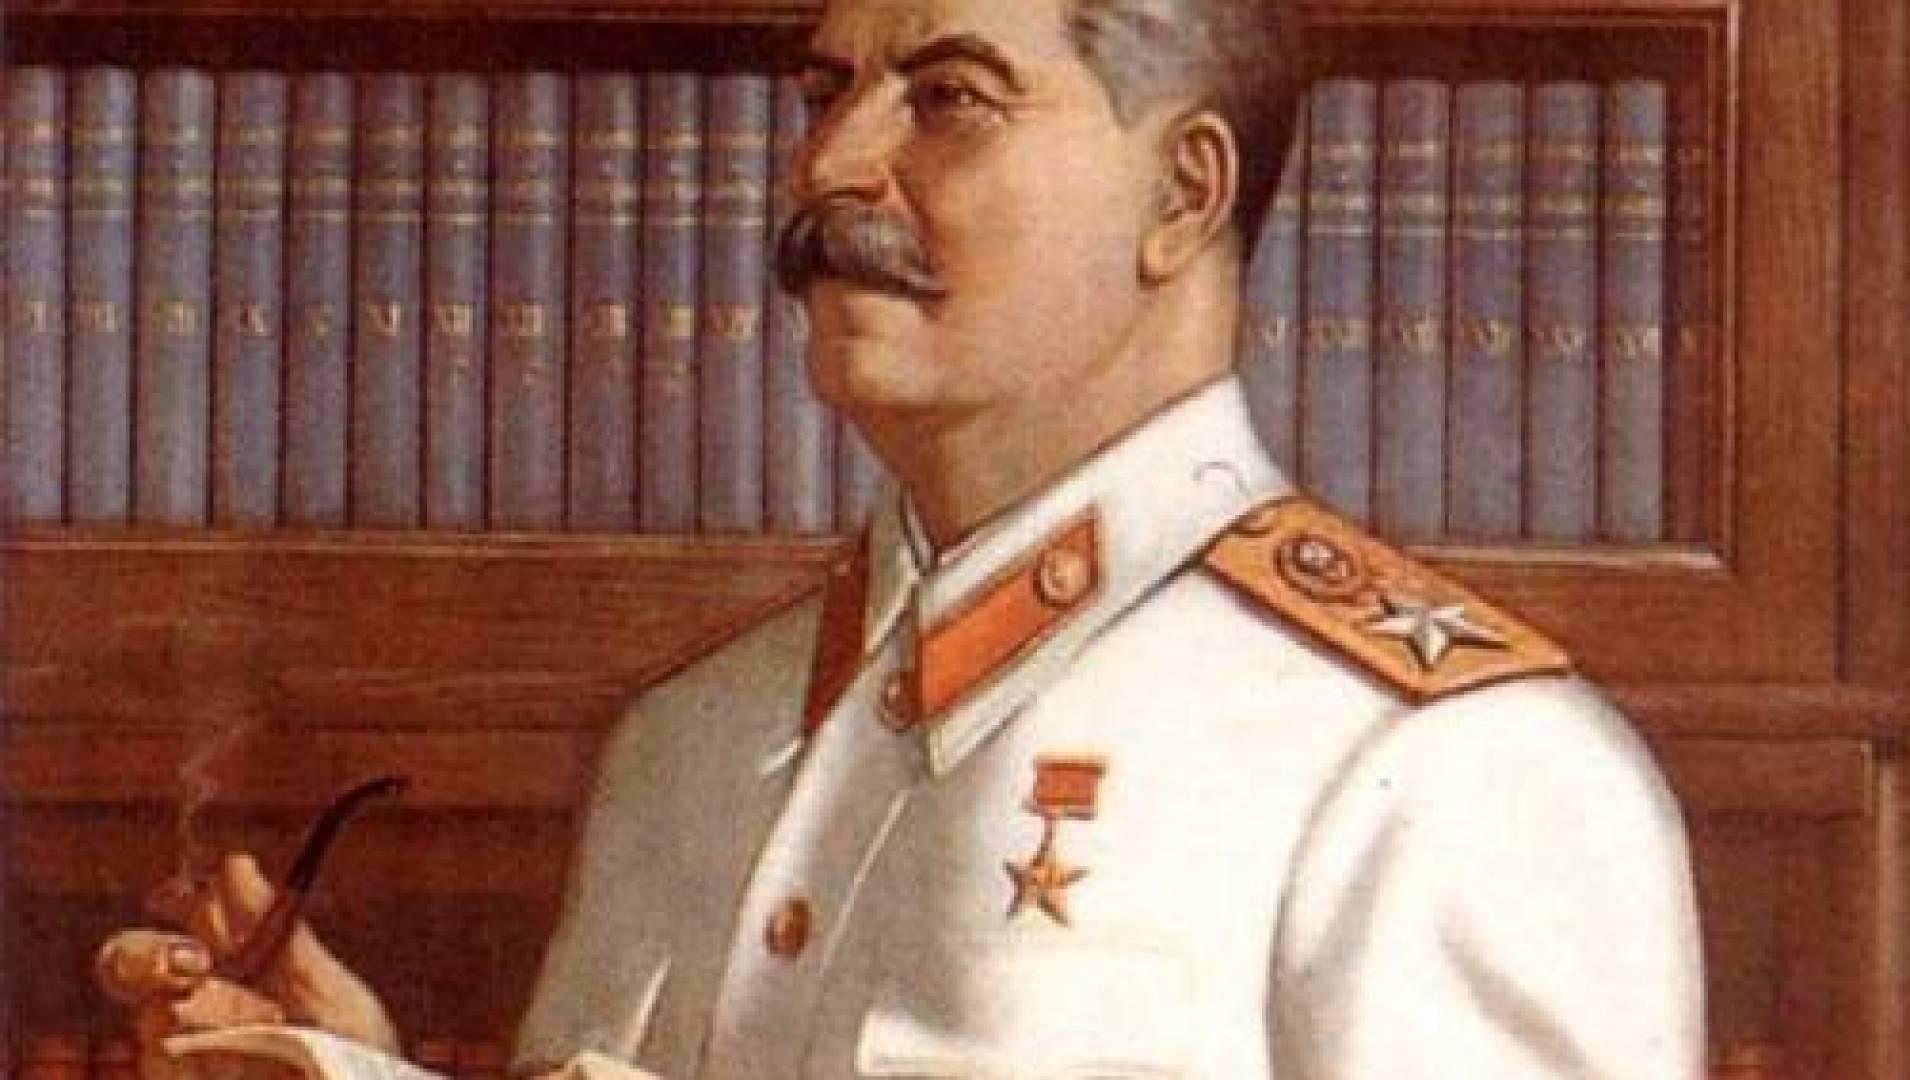 Эдвард Радзинский. «Смерть Сталина. Другая версия» - Документальный фильм